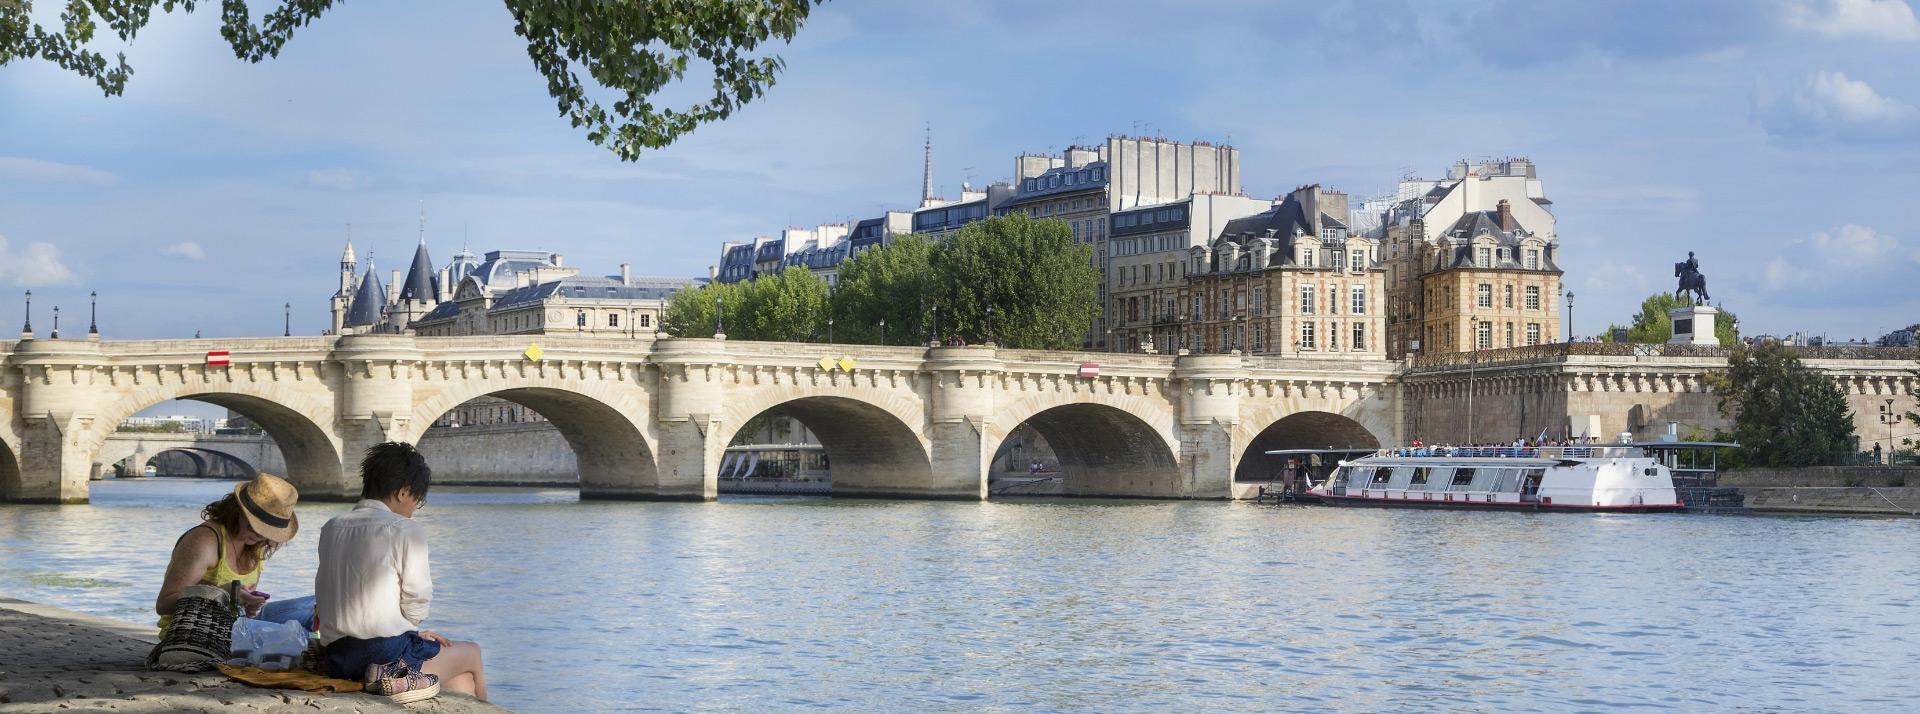 La Petitie Dauphine, location in the center of Paris